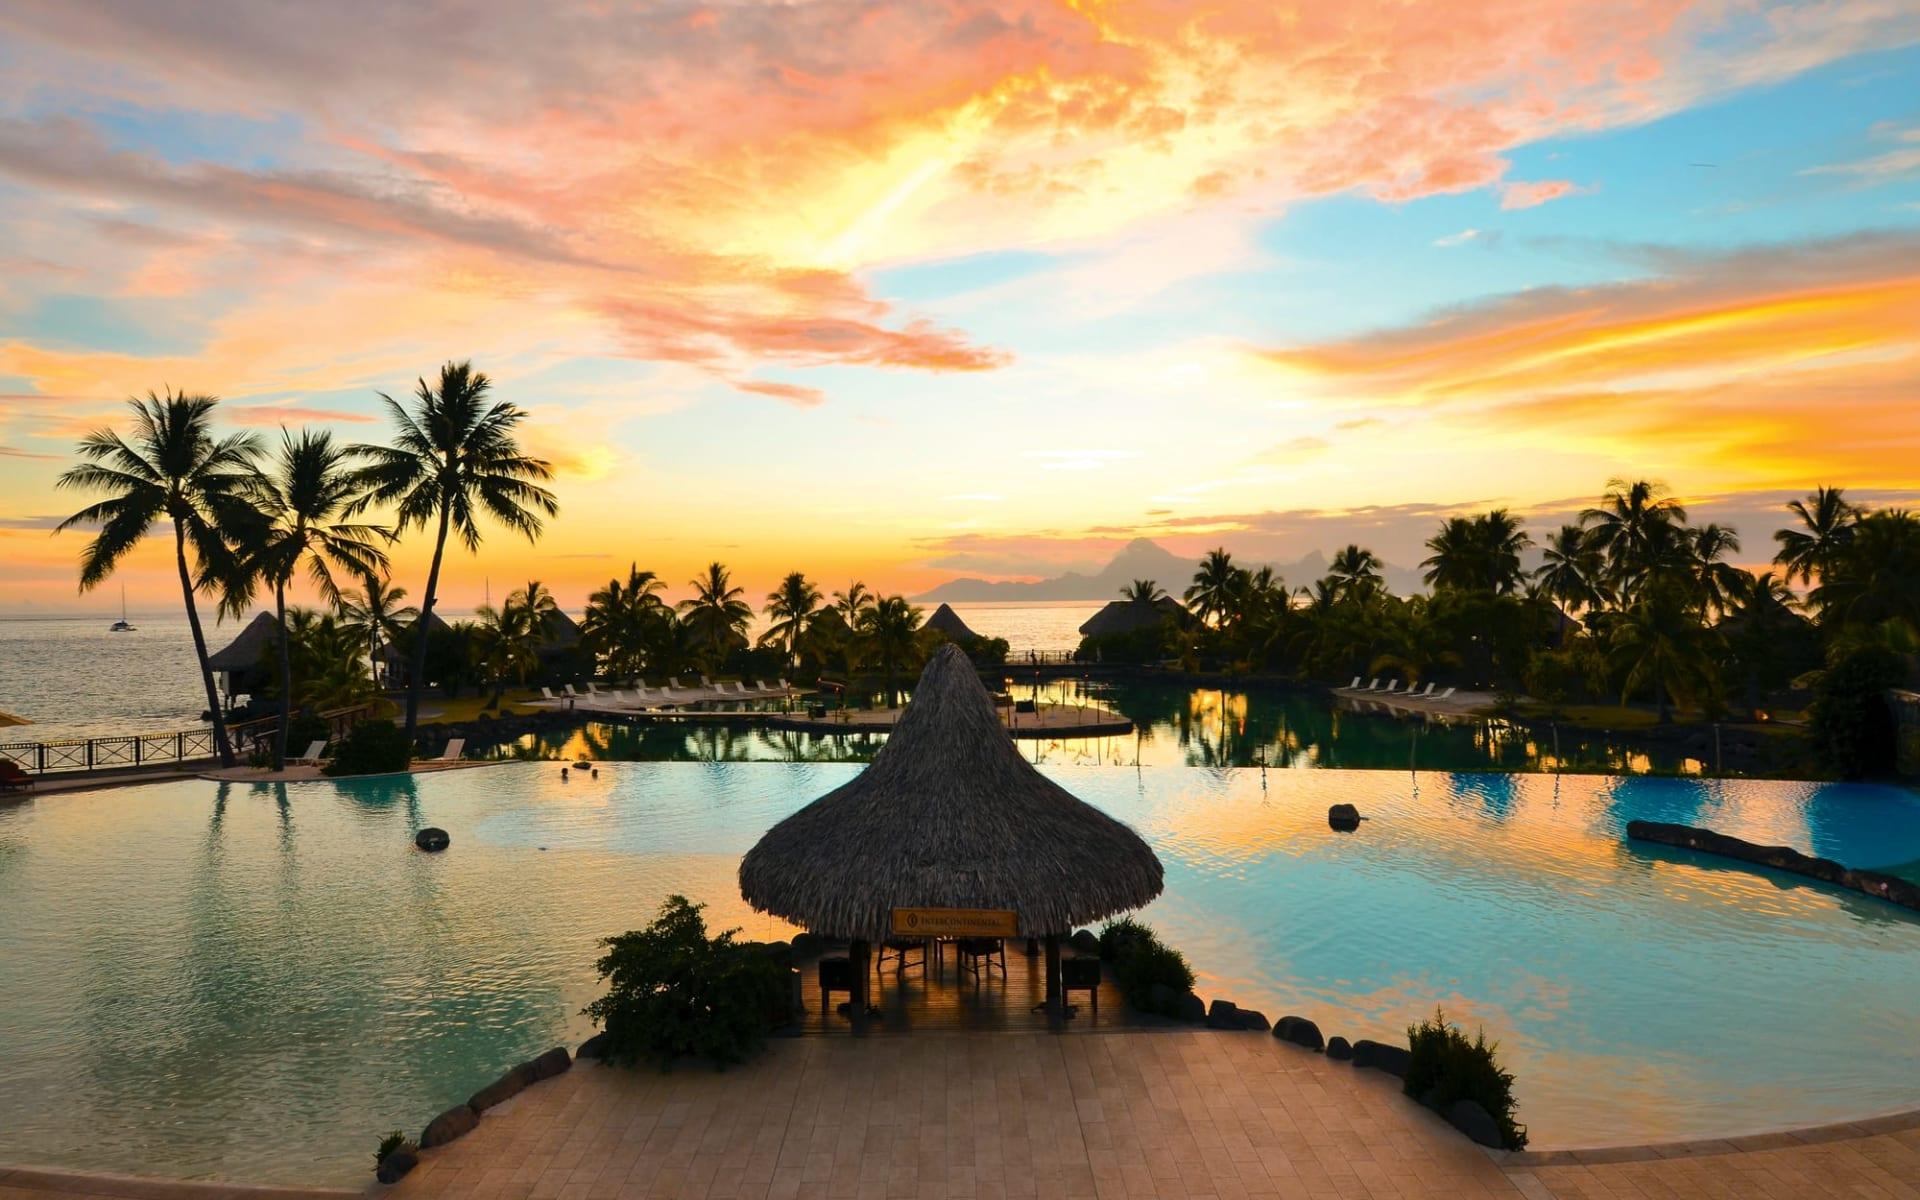 InterContinental Tahiti Resort in Papeete - Faa'a: InterContinental Tahiti Resort - Tiare Restaurant mit Sicht auf Pool